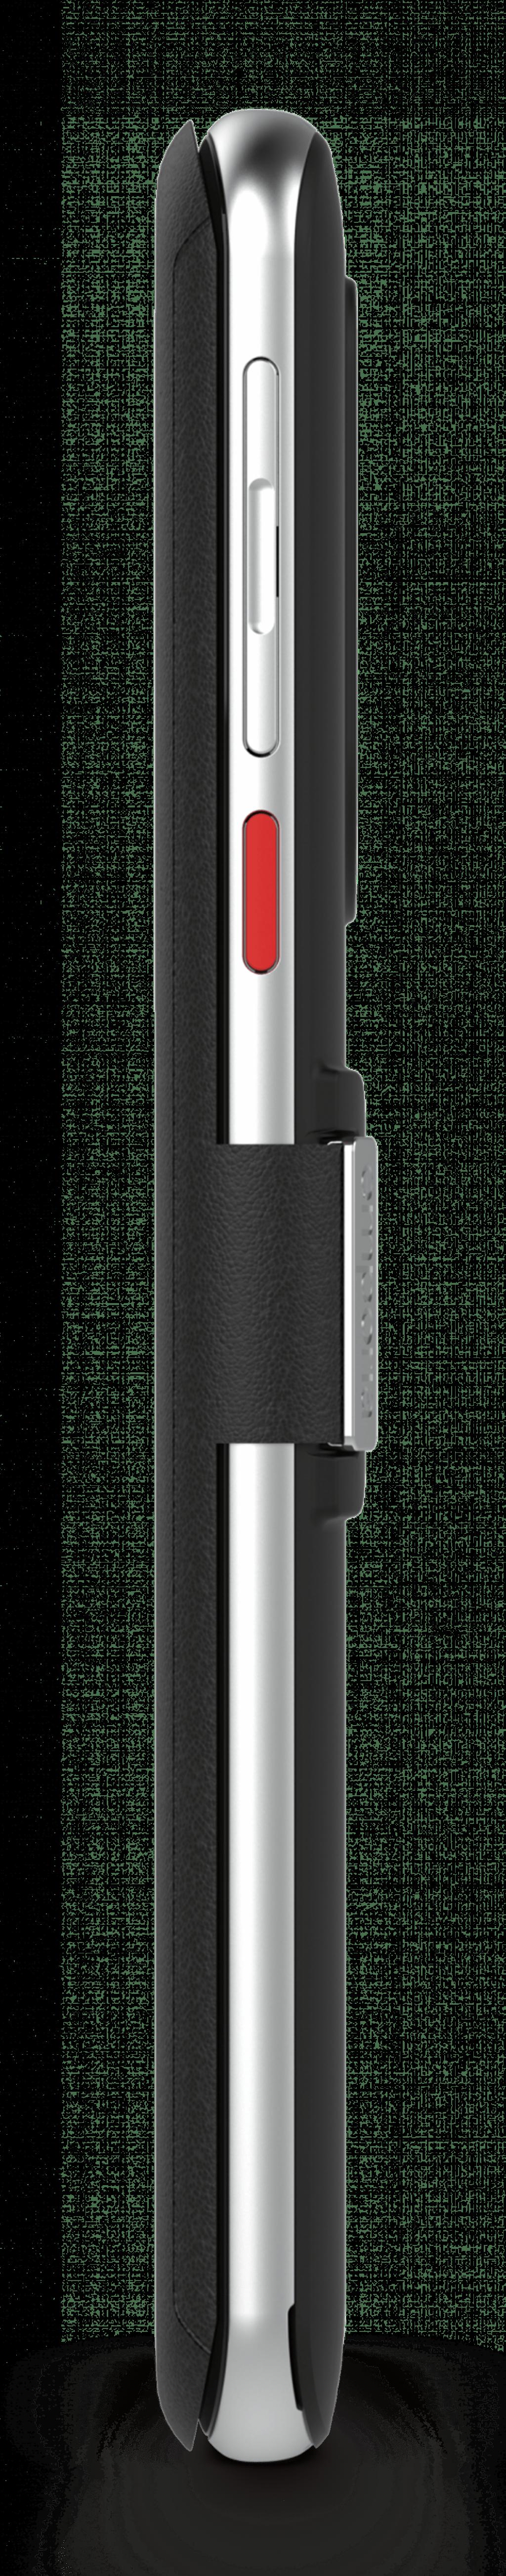 emporia-smart-5-seitlich-mit-Huelle--seitlichen-roten-Knopf